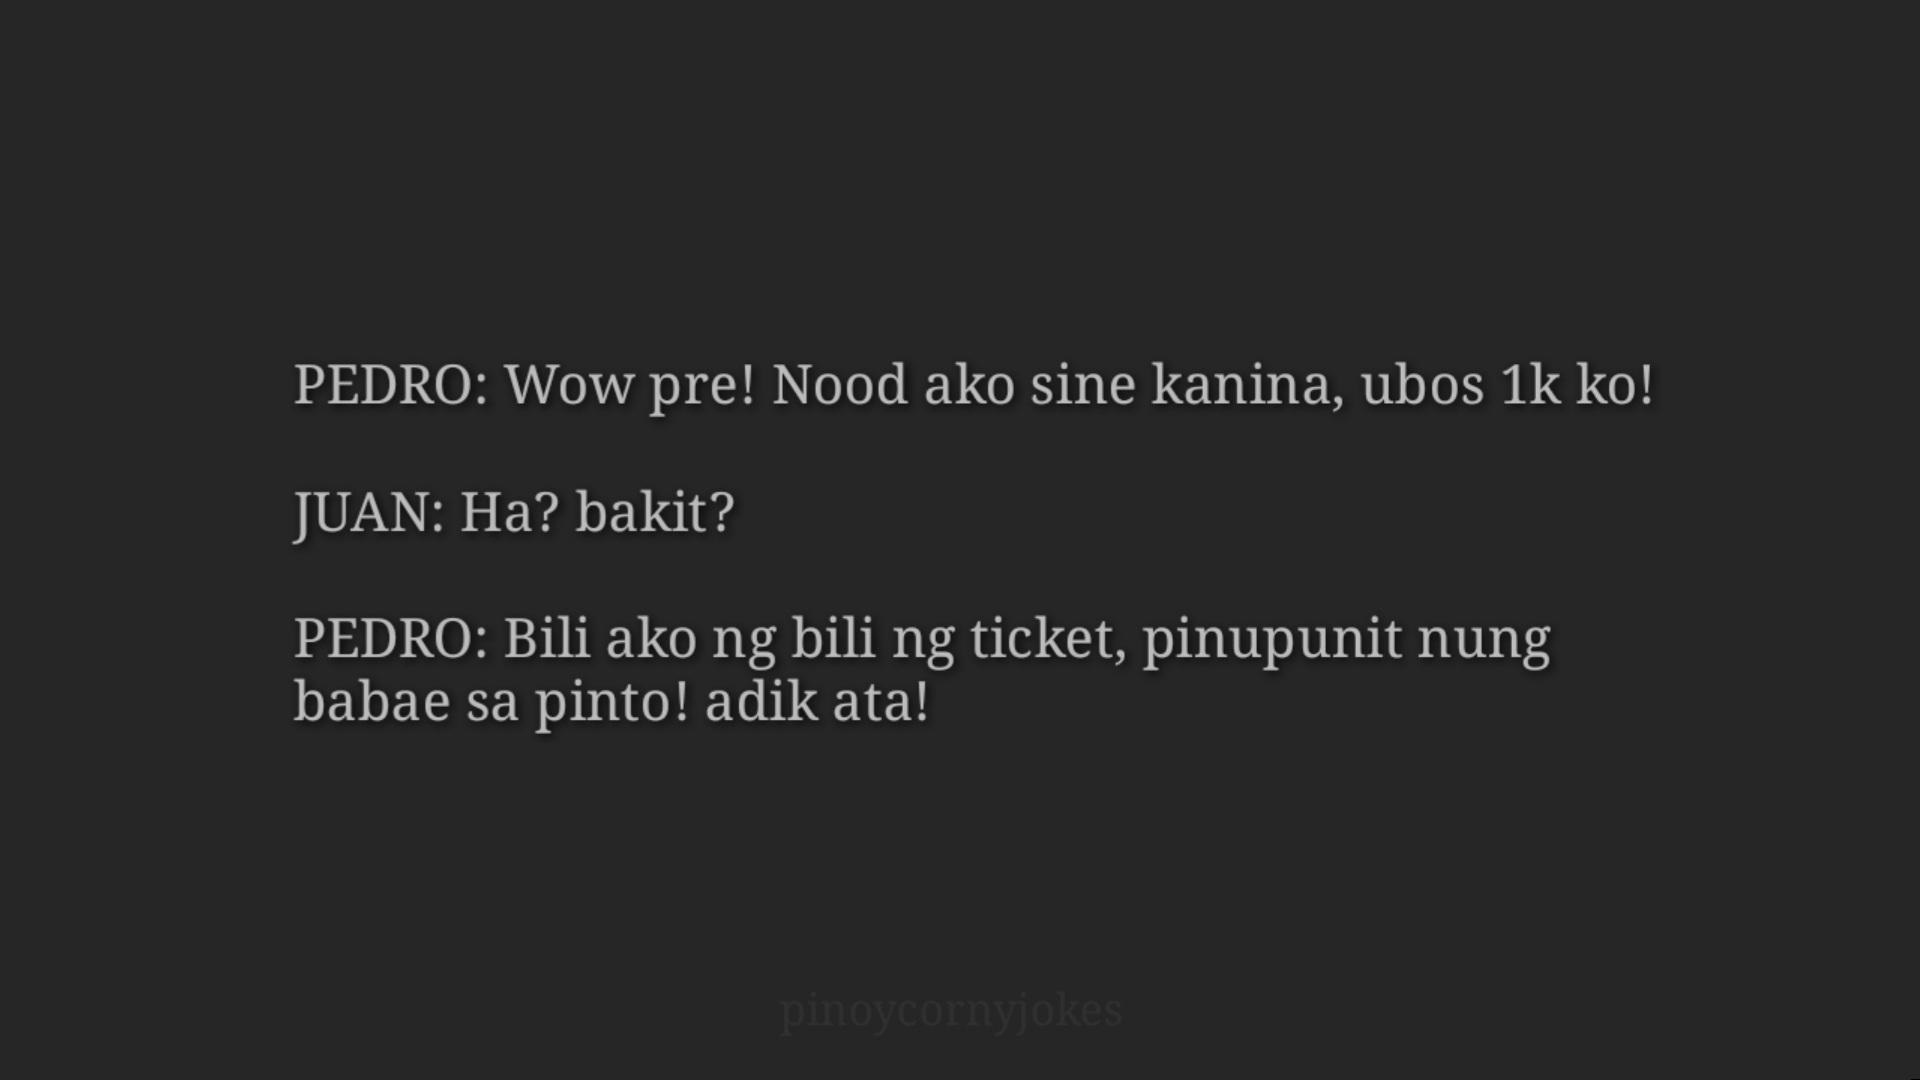 Nakakatawang Jokes - Nood ng Sine